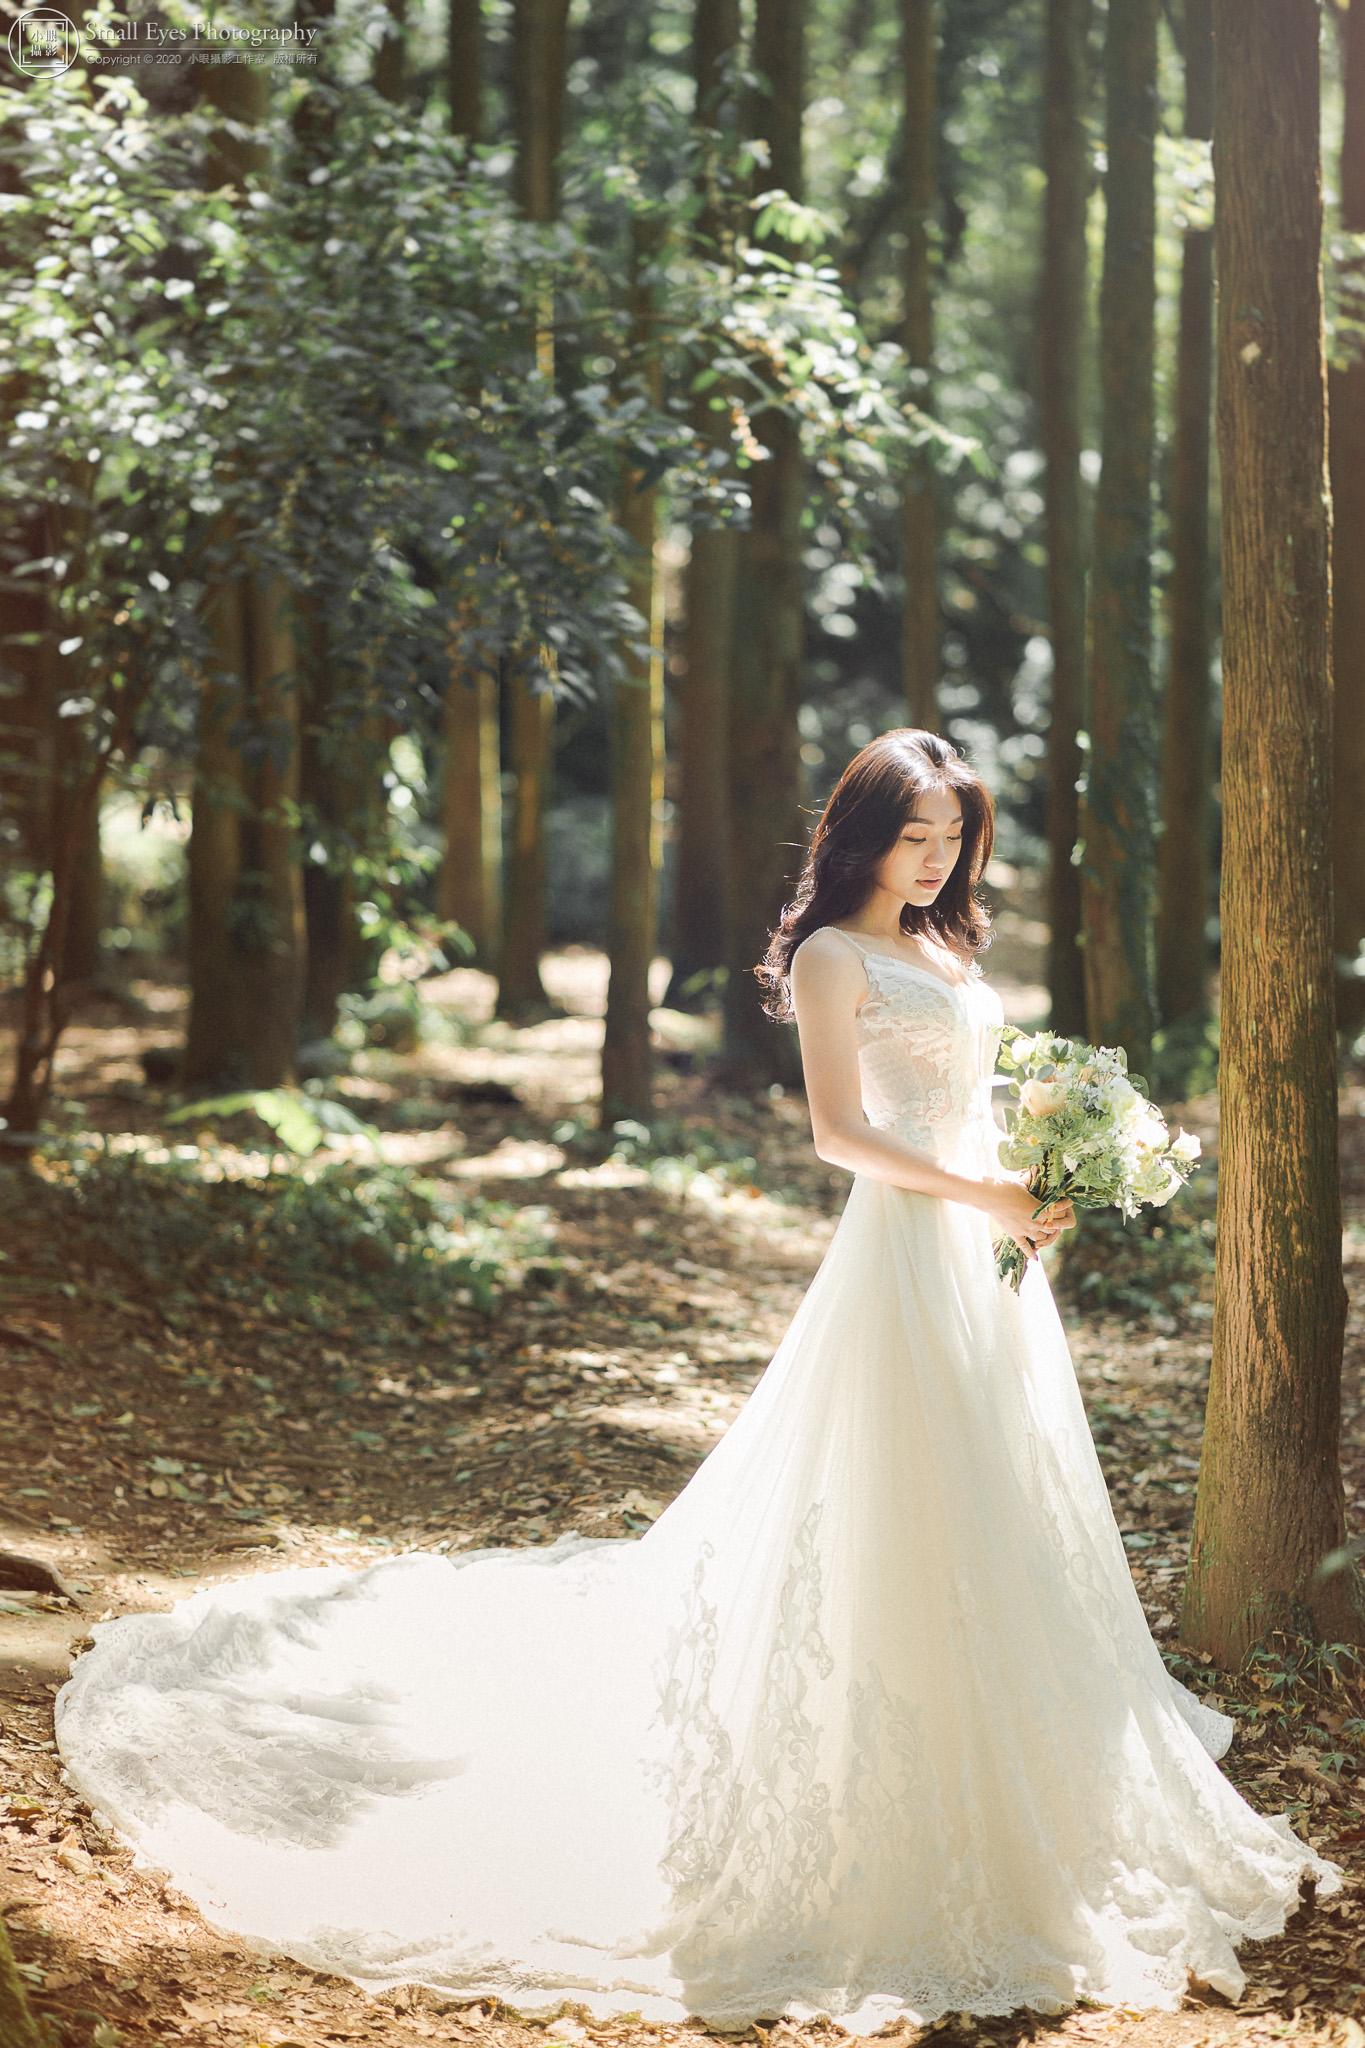 小眼攝影,婚紗攝影,婚攝,吉兒婚紗,新秘瓜瓜,自助婚紗,自主婚紗,台灣,台北,陽明山,森林,仙女